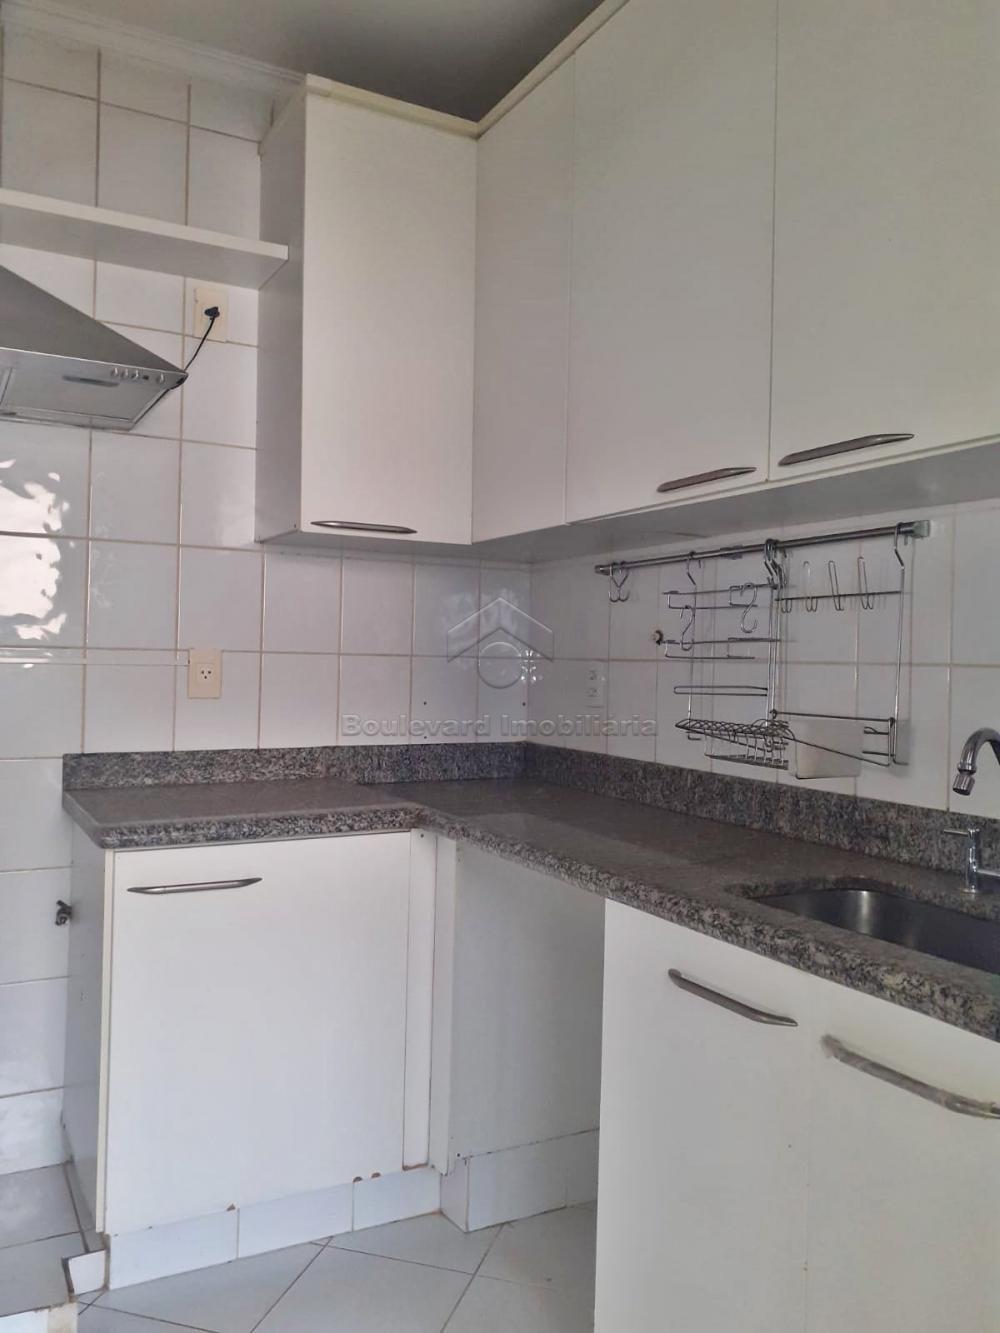 Alugar Apartamento / Padrão em Ribeirão Preto R$ 2.600,00 - Foto 31